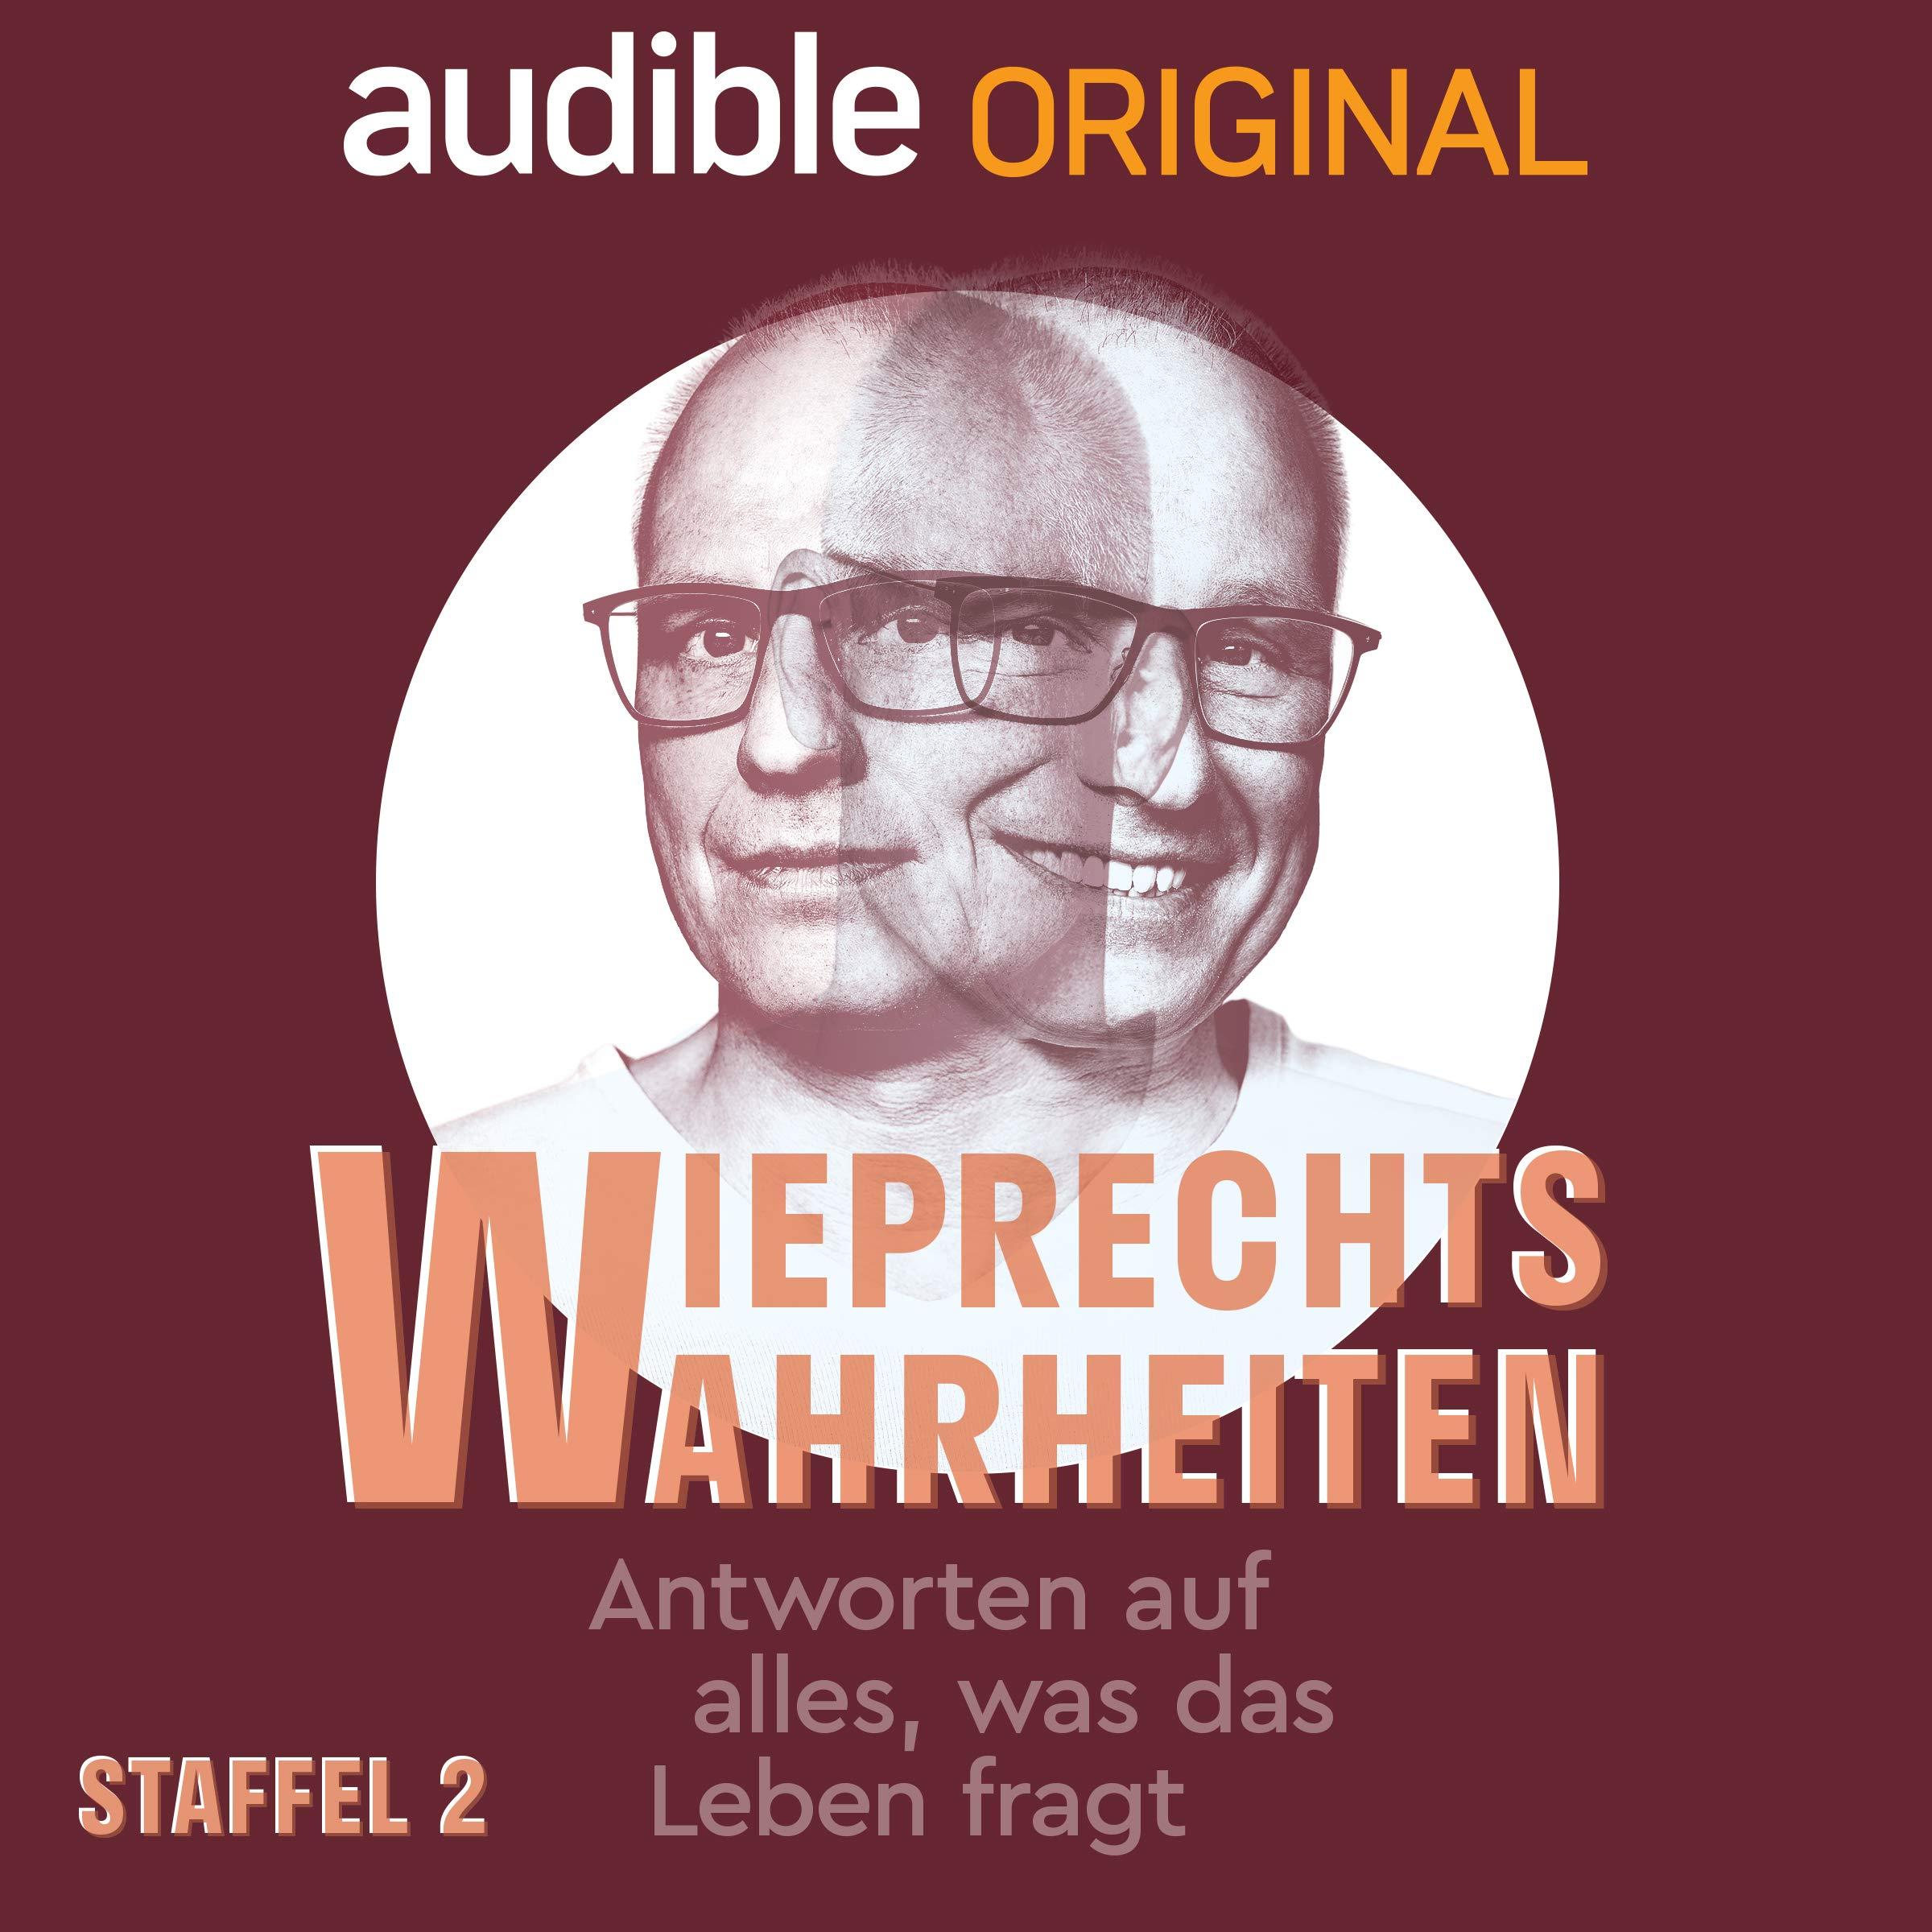 Wieprechts Wahrheiten - Staffel 2 (Original Podcast)